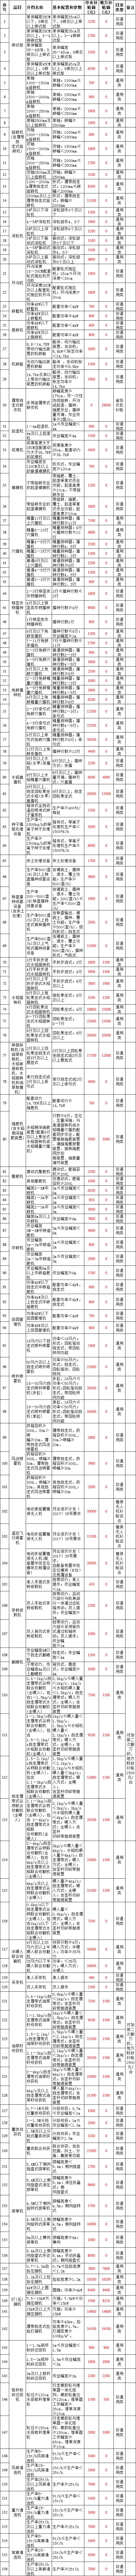 浙江省(2020年调整)农机购置补贴额一览表公示